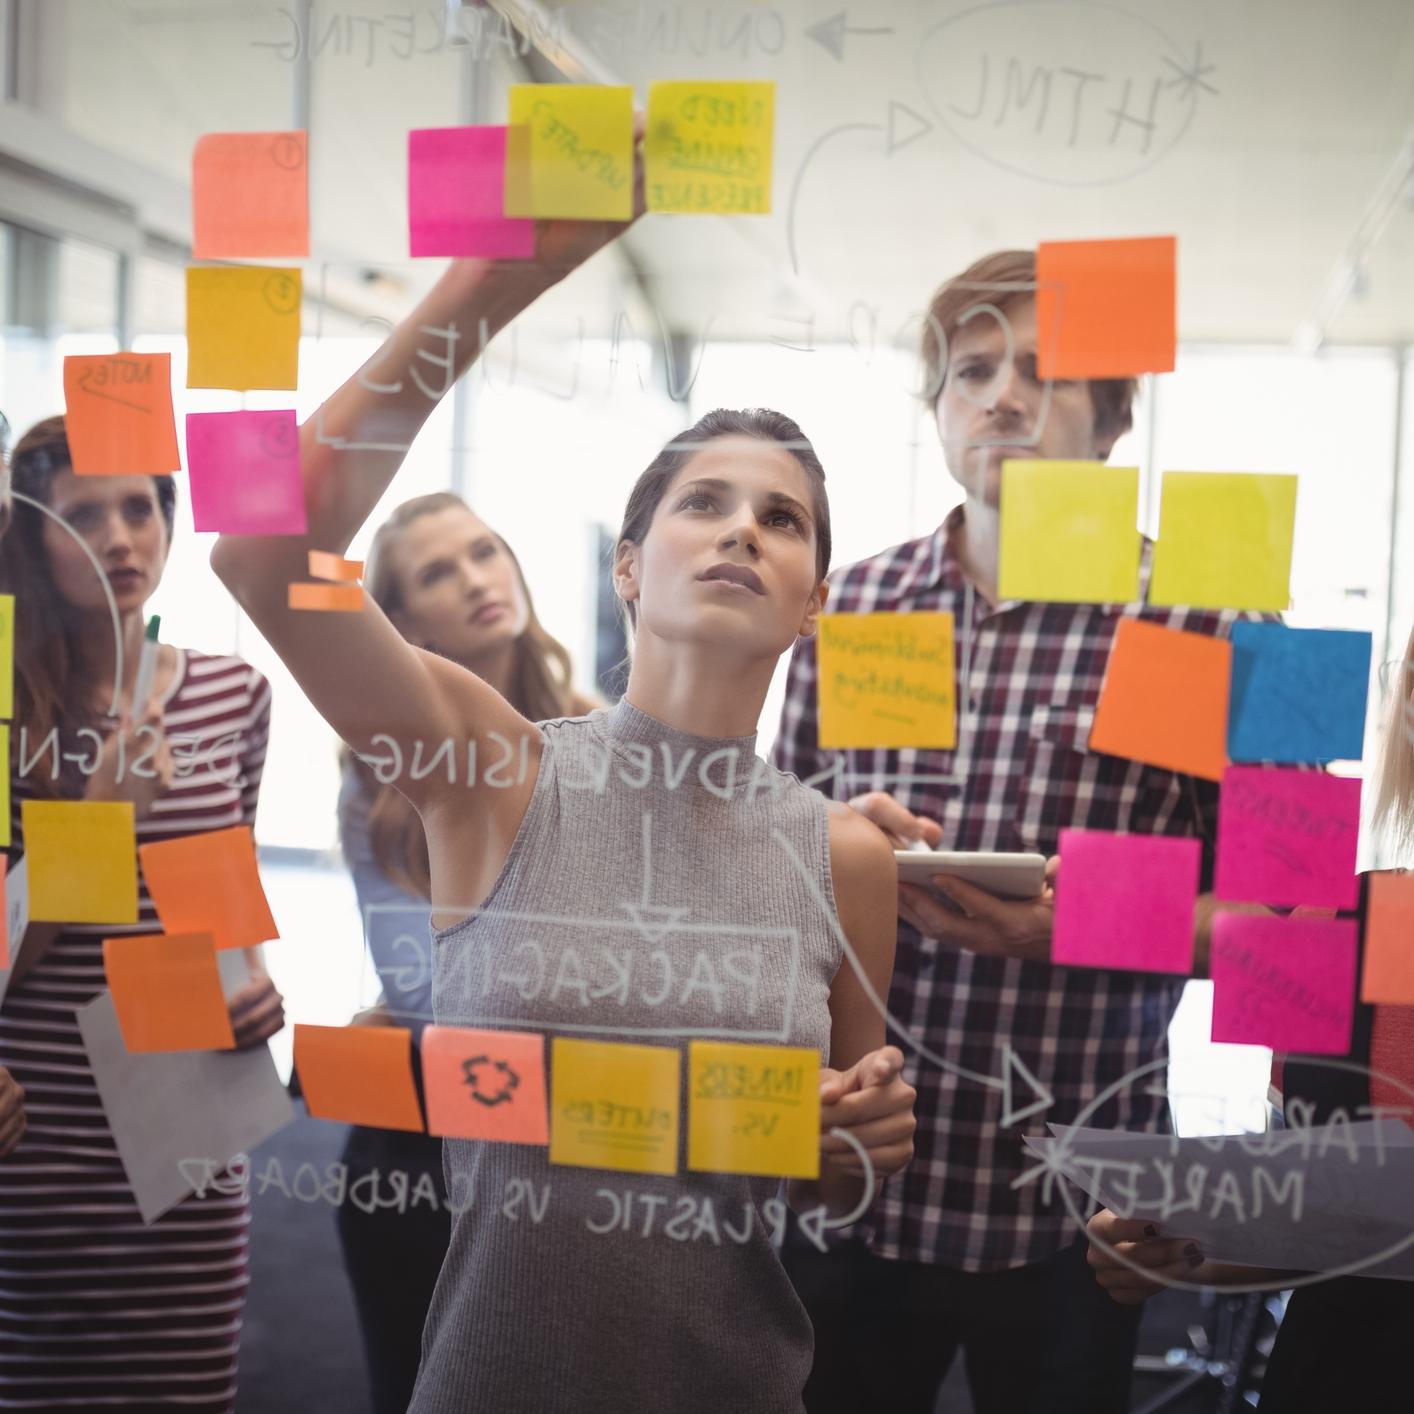 NOSOTRAS - Con una larga trayectoria en el mundo de los negocios, apasionadas por la cultura de desarrollo de productos de San Francisco y el espíritu de Silicon Valley, estamos comprometidas a encontrar soluciones innovadoras que tengan un impacto real.Combinamos nuestros conocimiento de estrategia de negocio, transformación digital e innovación para ayudar a las empresas a resolver rápidamente grandes desafíos de negocio usando esta metodología.